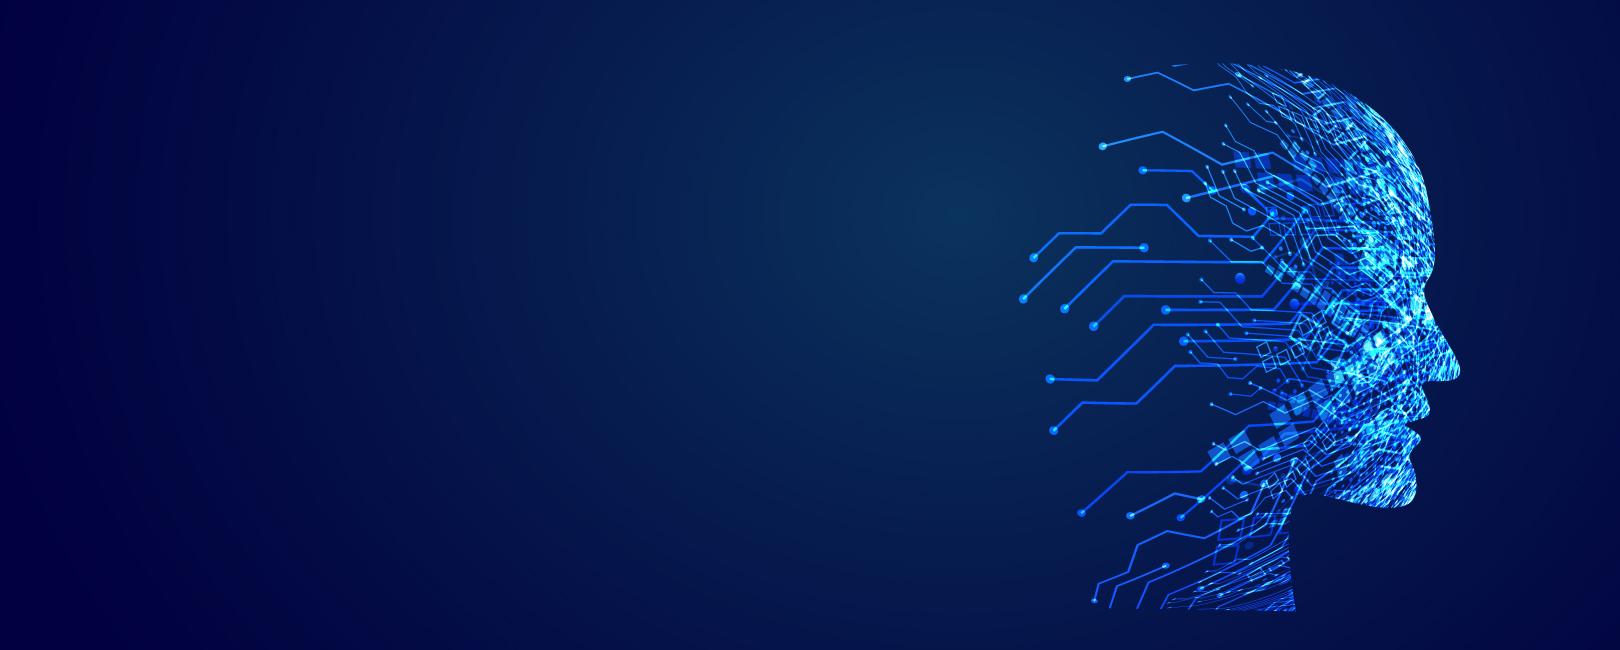 Inteligencia colectiva, inteligencia distribuida, inteligencia artificial y tecnologías intelectuales